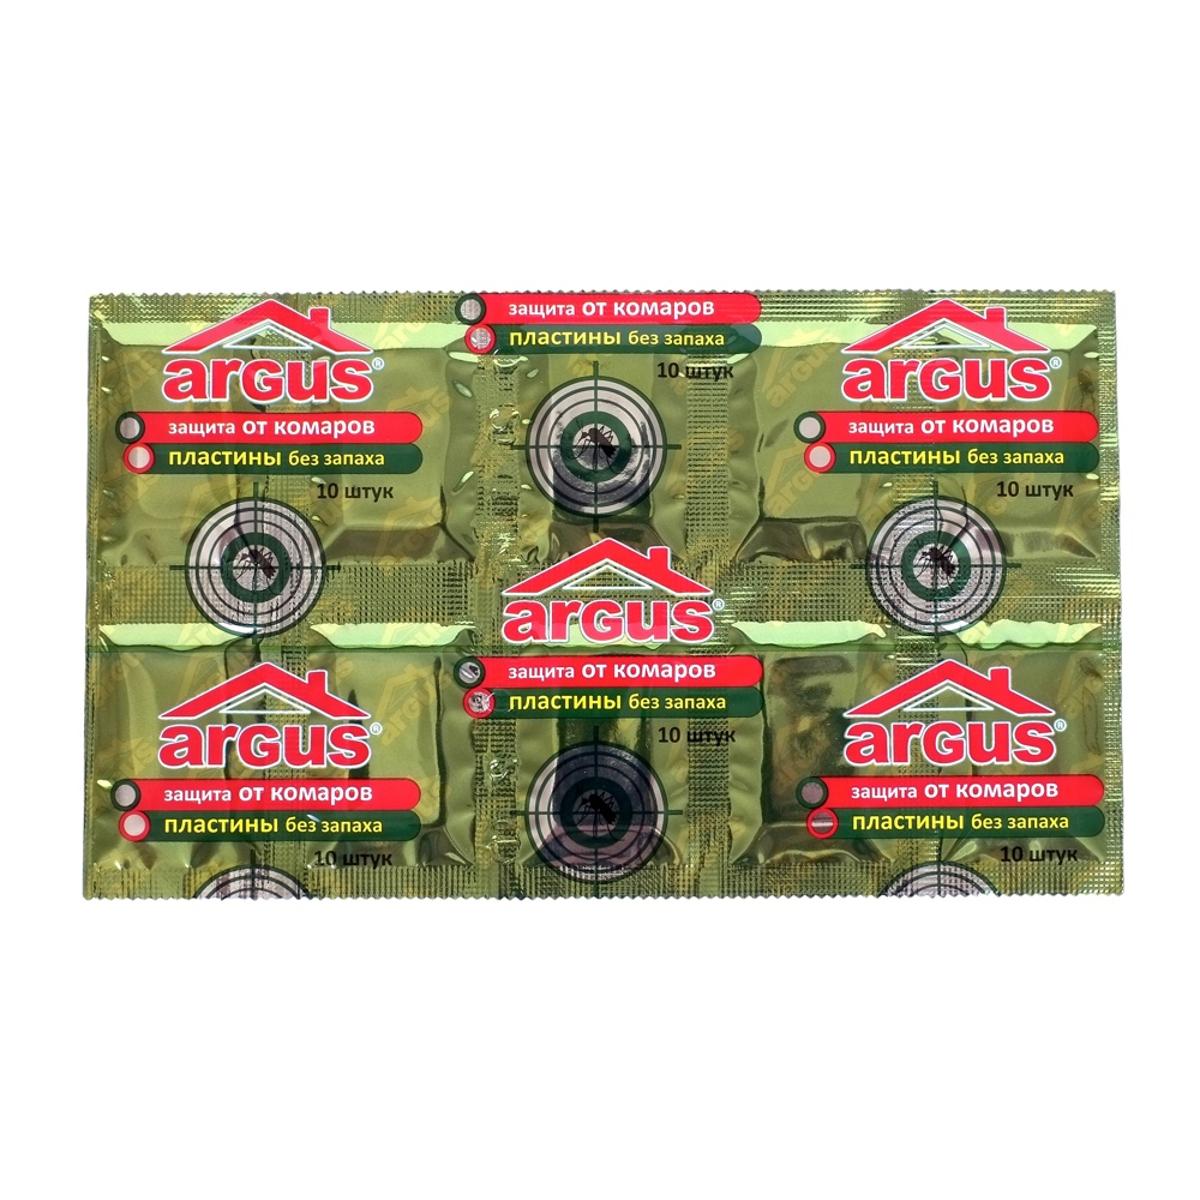 Пластины от комаров Argus, без запаха, 10 штСЗ.010005Пластины от комаров Argus могут быть использованы многократно, для дальнейшего использования их следует хранить в упаковке. Полная гибель комаров в закрытых помещениях достигается за 15-20 минут в зависимости от площади помещения. Применение одной пластины рассчитано до 8-10 часов в непрерывном режиме работы в помещении площадью до 30 м2. Обесцвечивание пластины является показателем окончания срока действия. Состав: ДВ-эсбиотрин, стабилизатор, краситель.